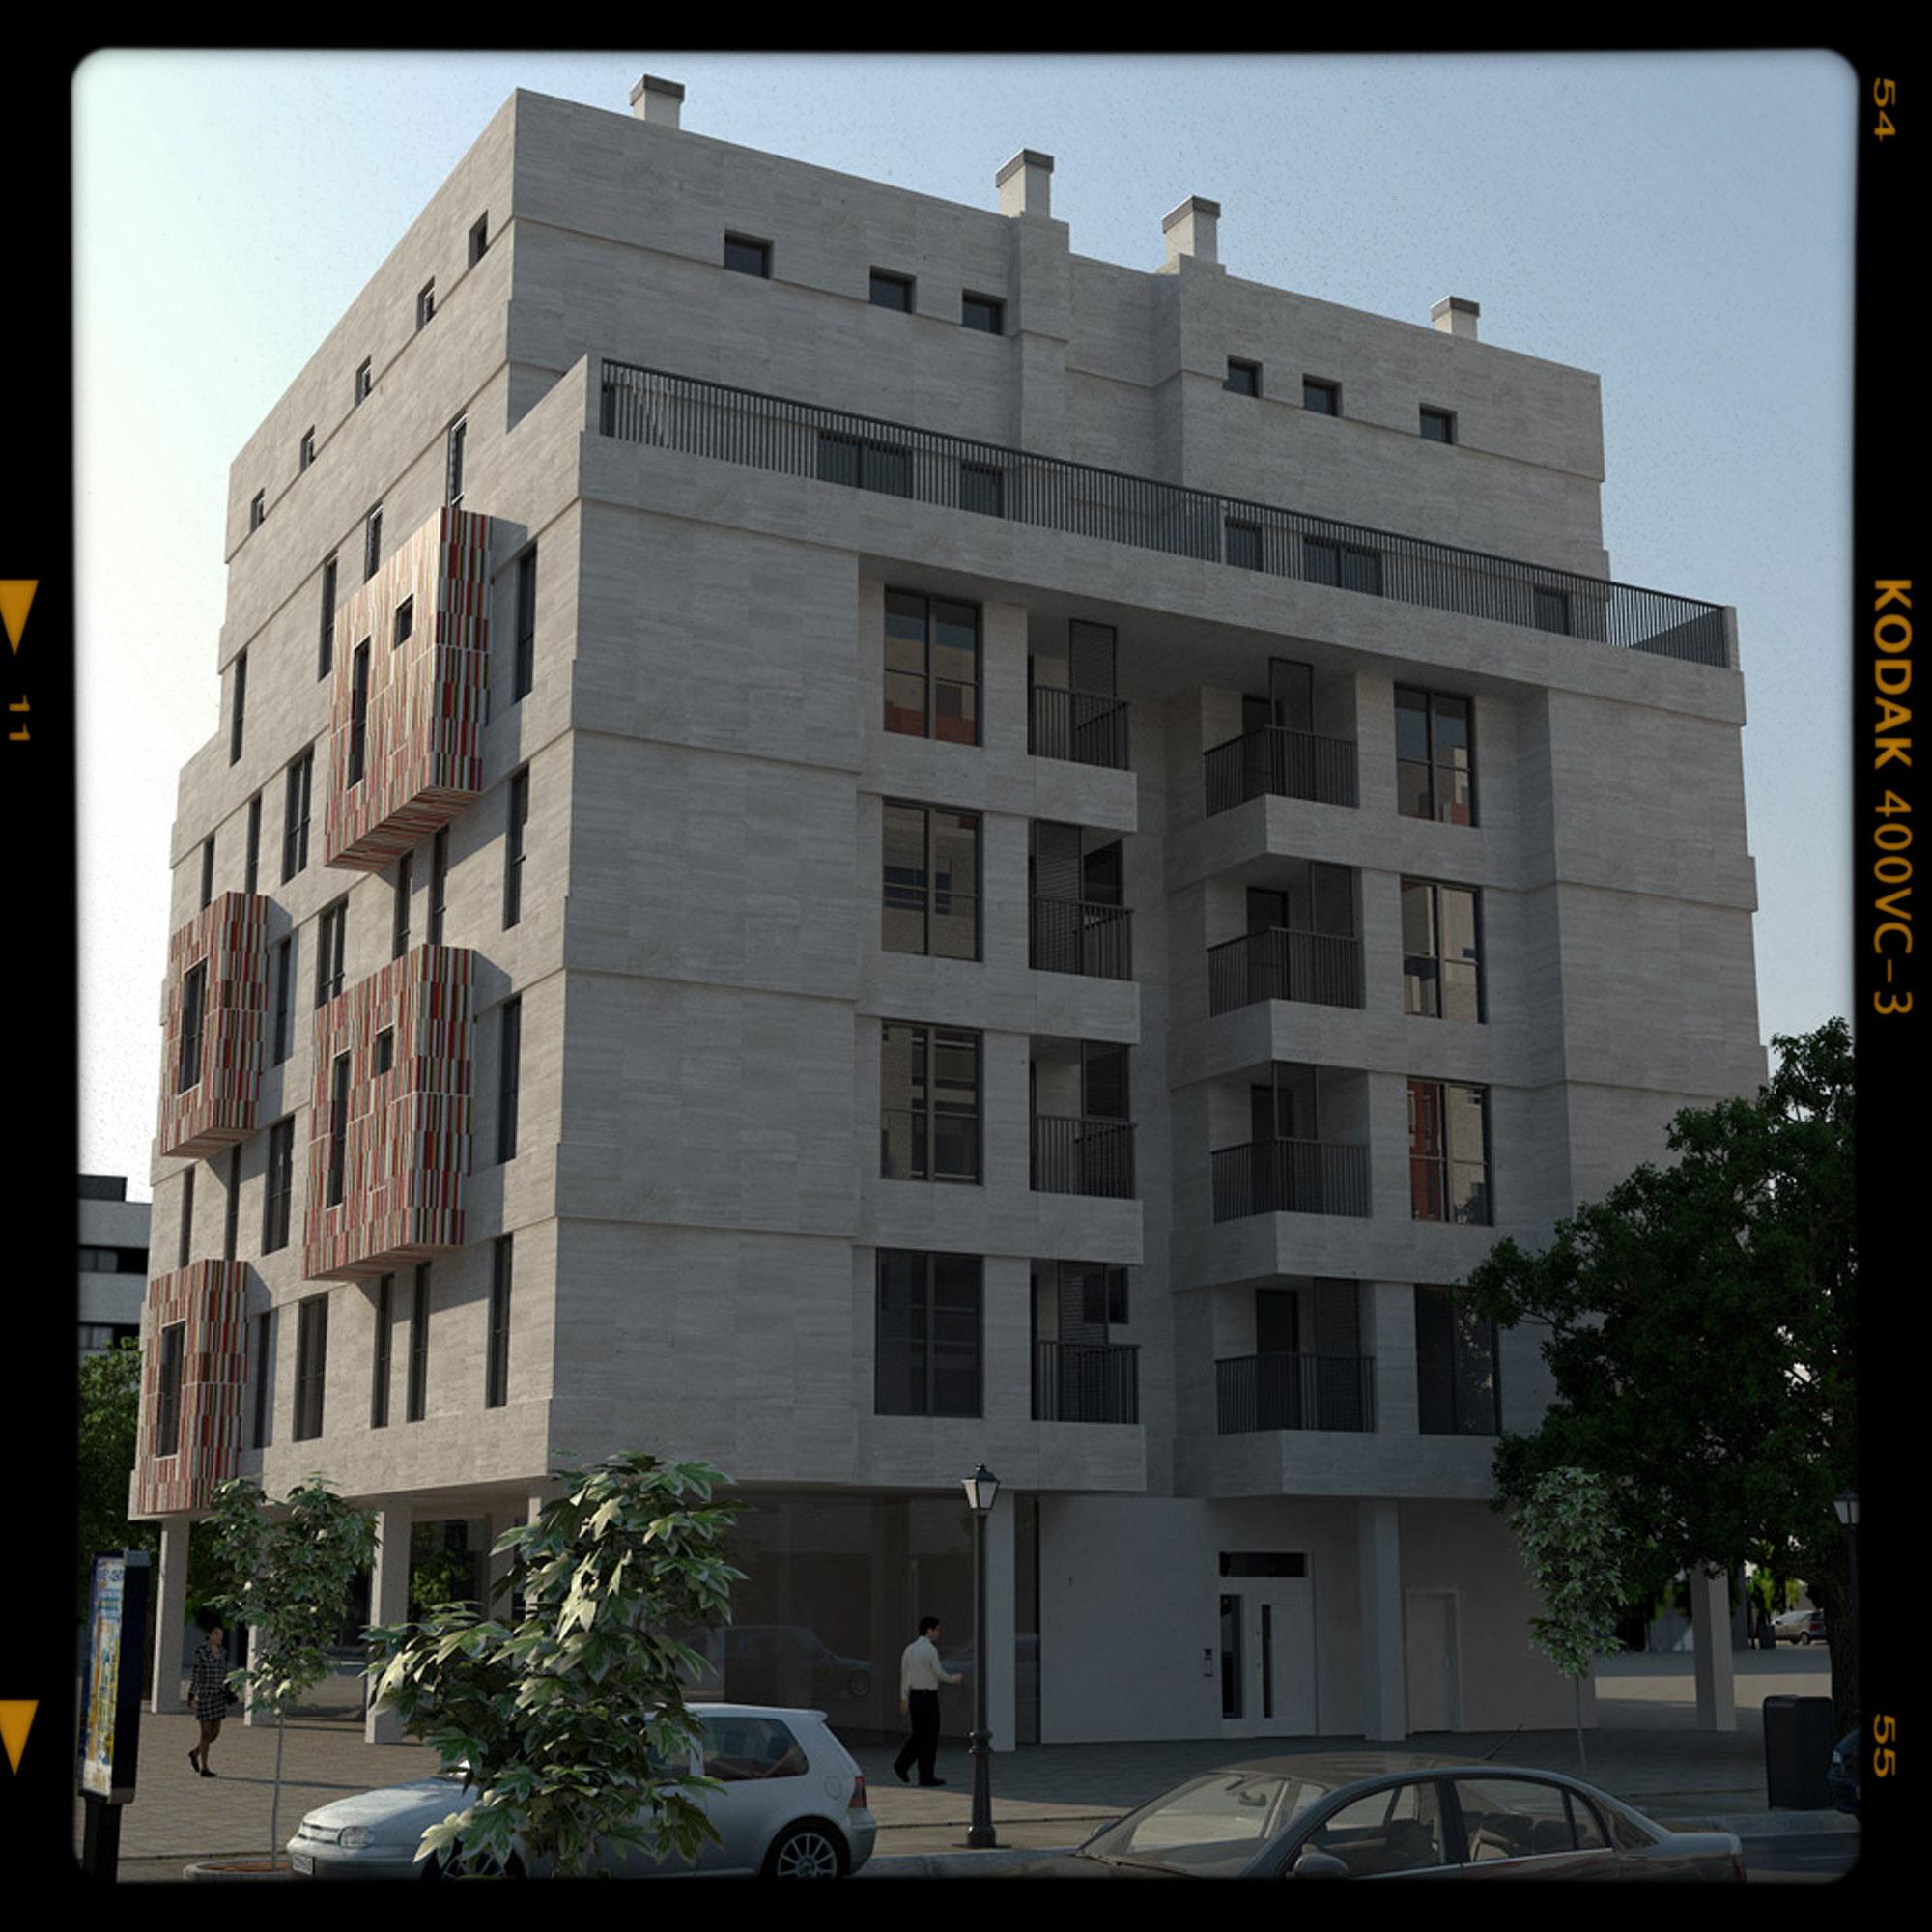 Infografia-imagen-3d-Edificio-Fachada2